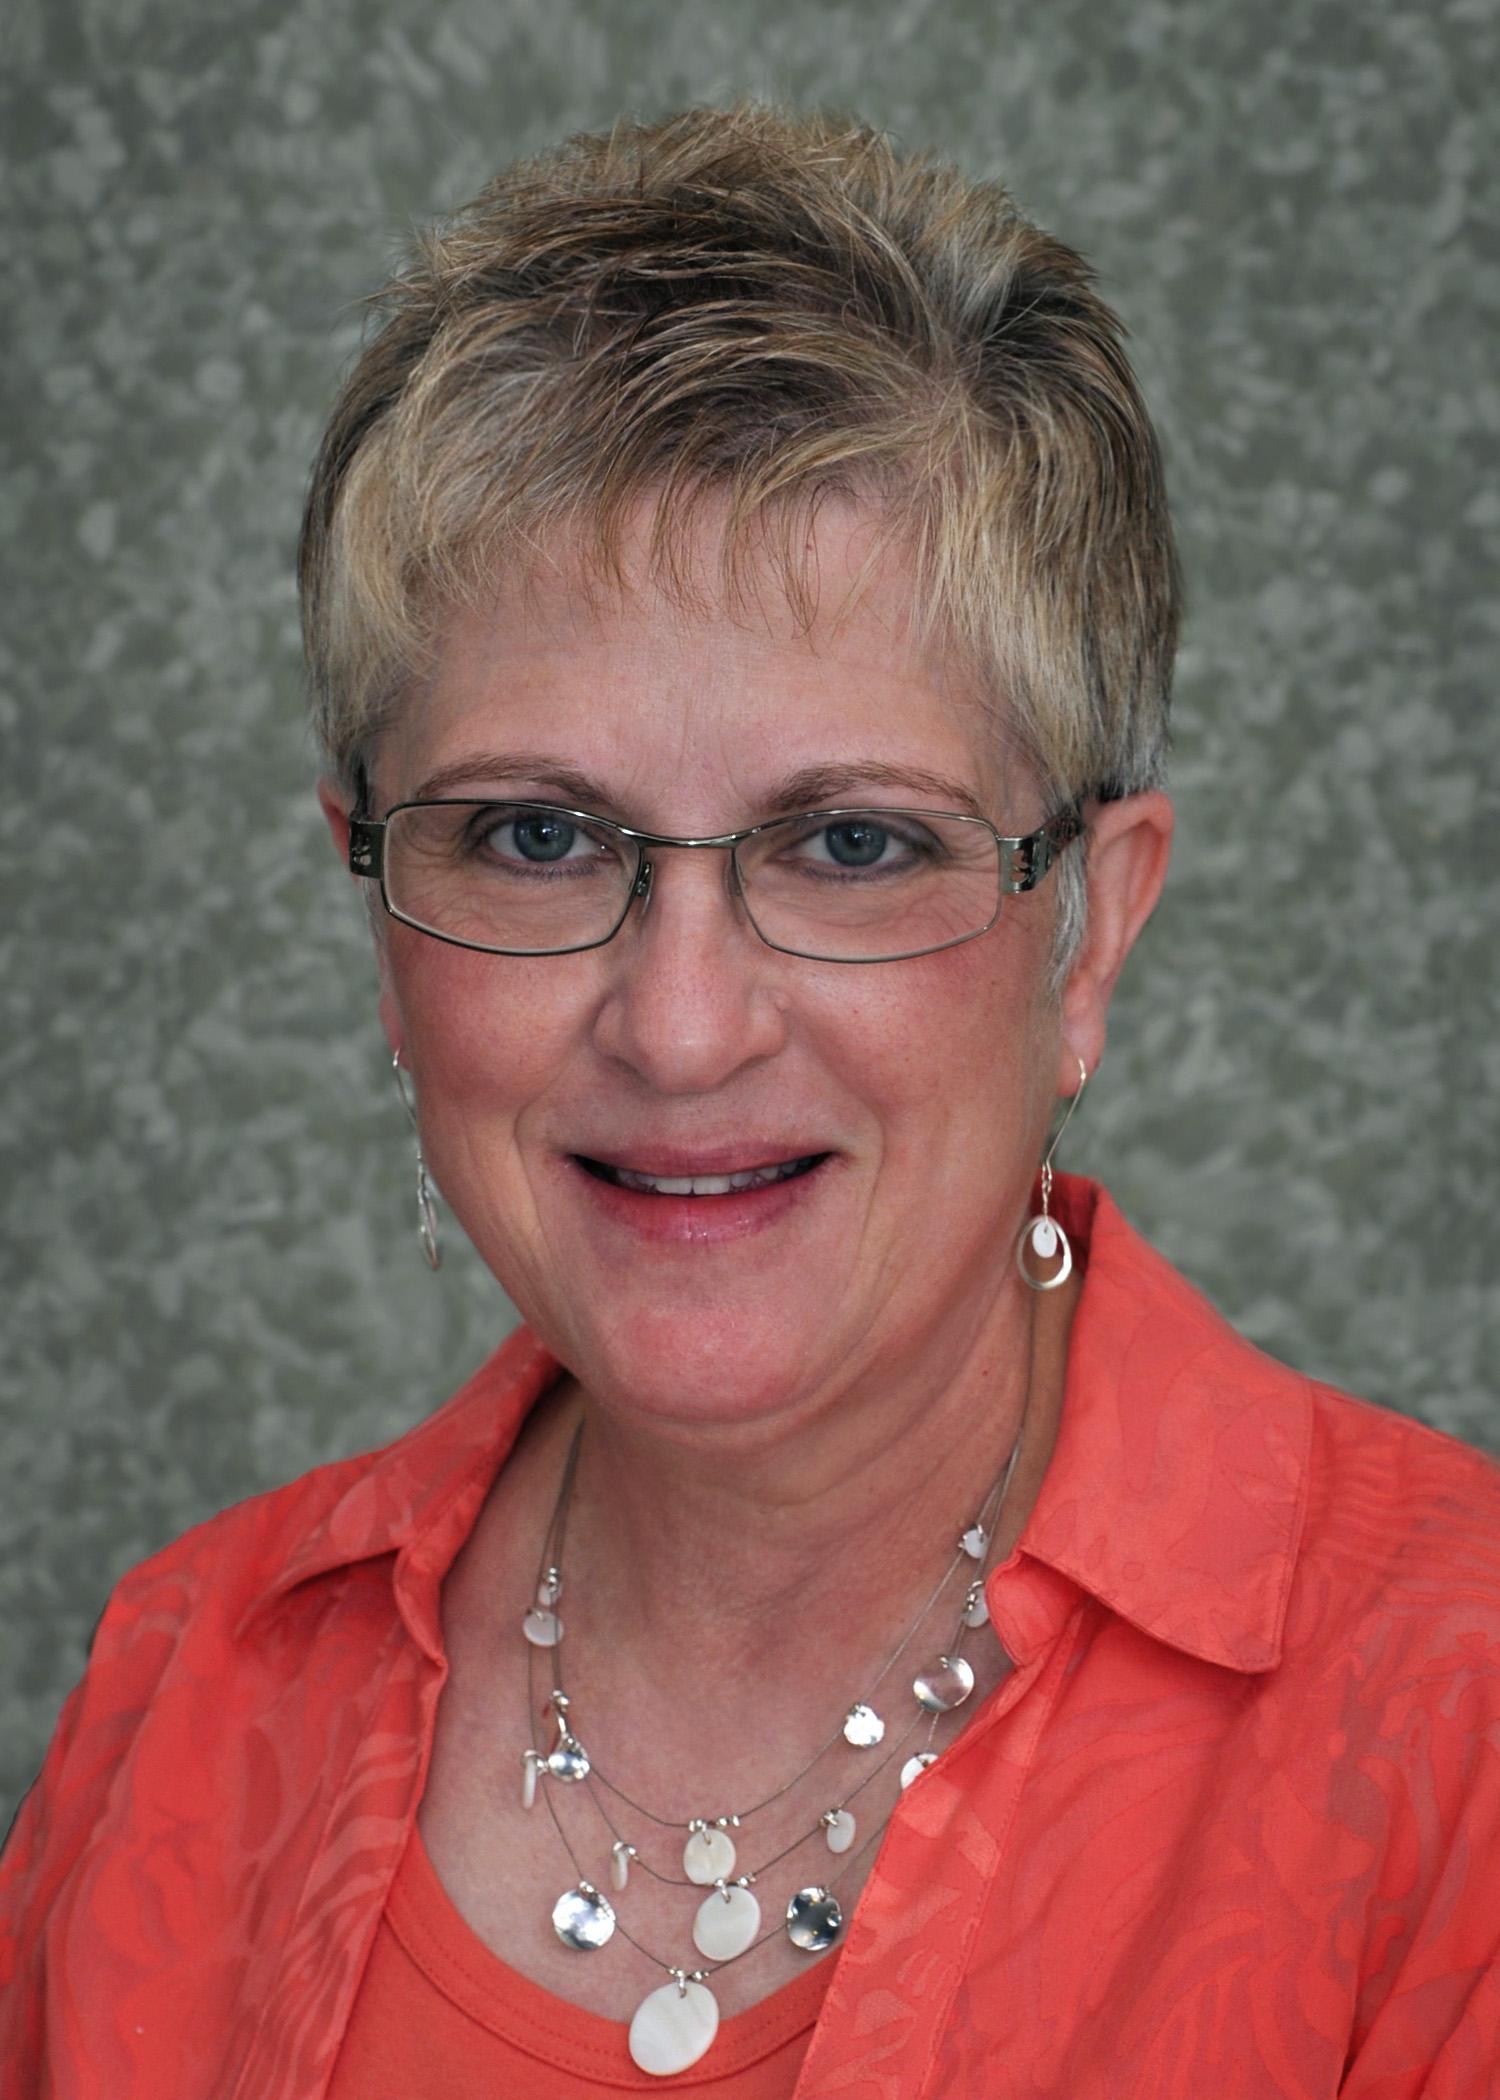 Joanne Kinney